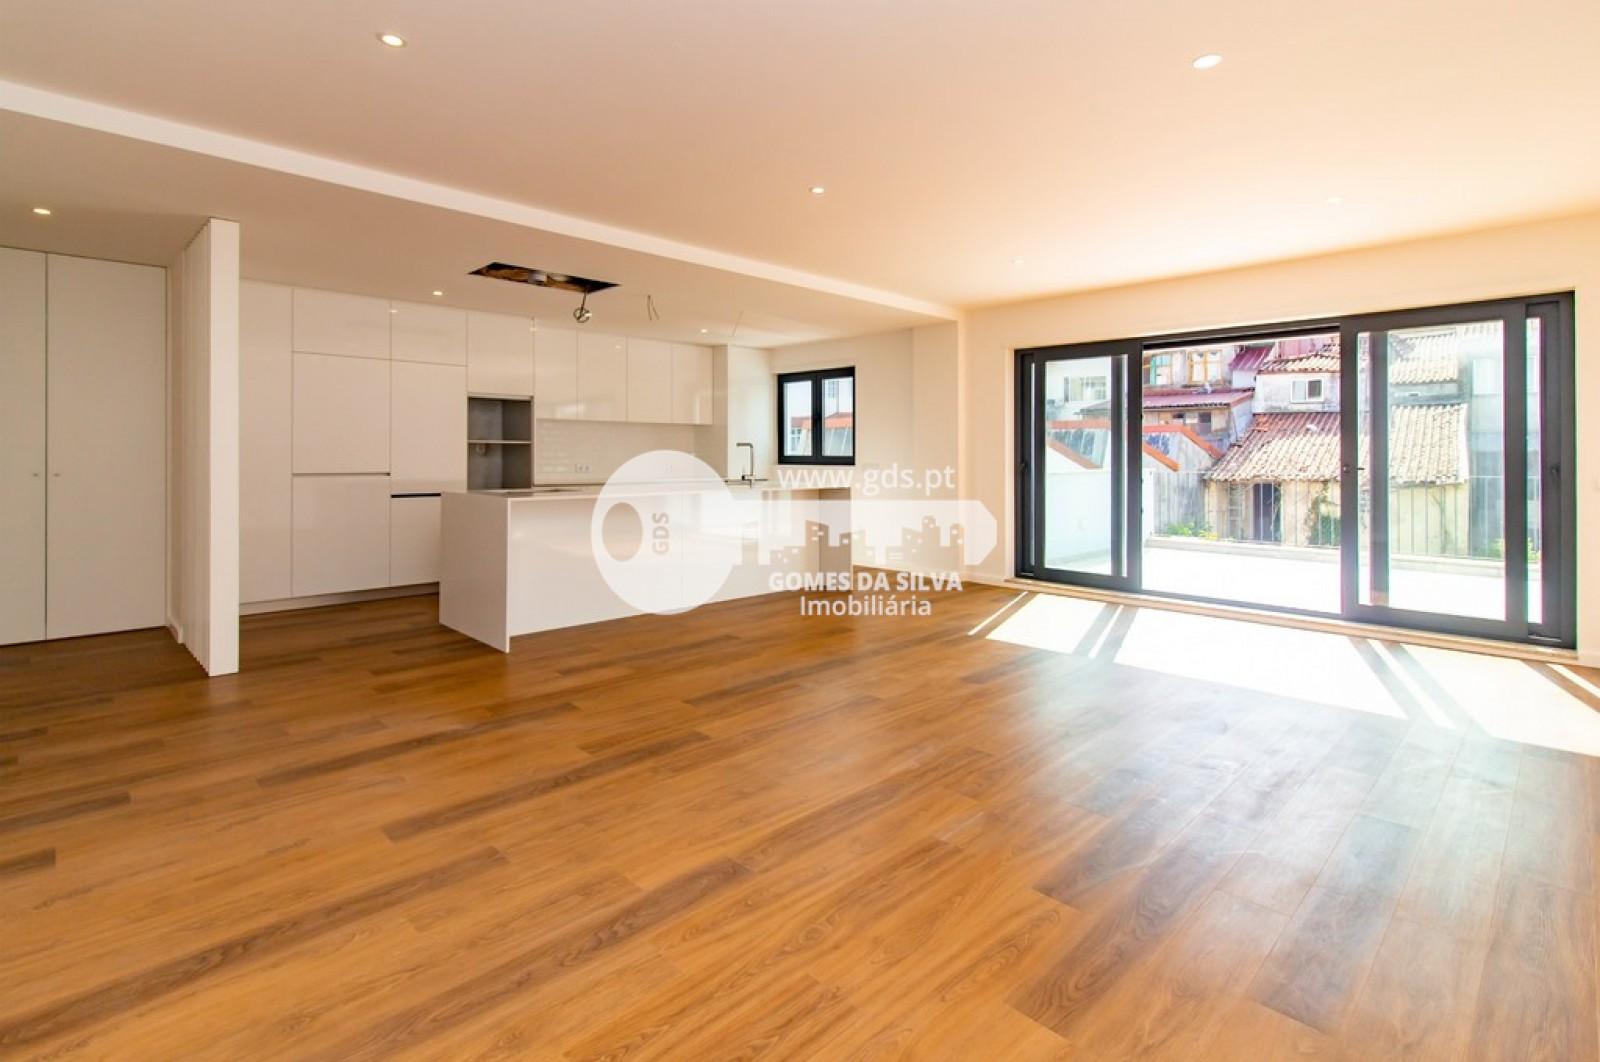 Apartamento T3 para Venda em São Vicente, Braga, Braga - Imagem 36